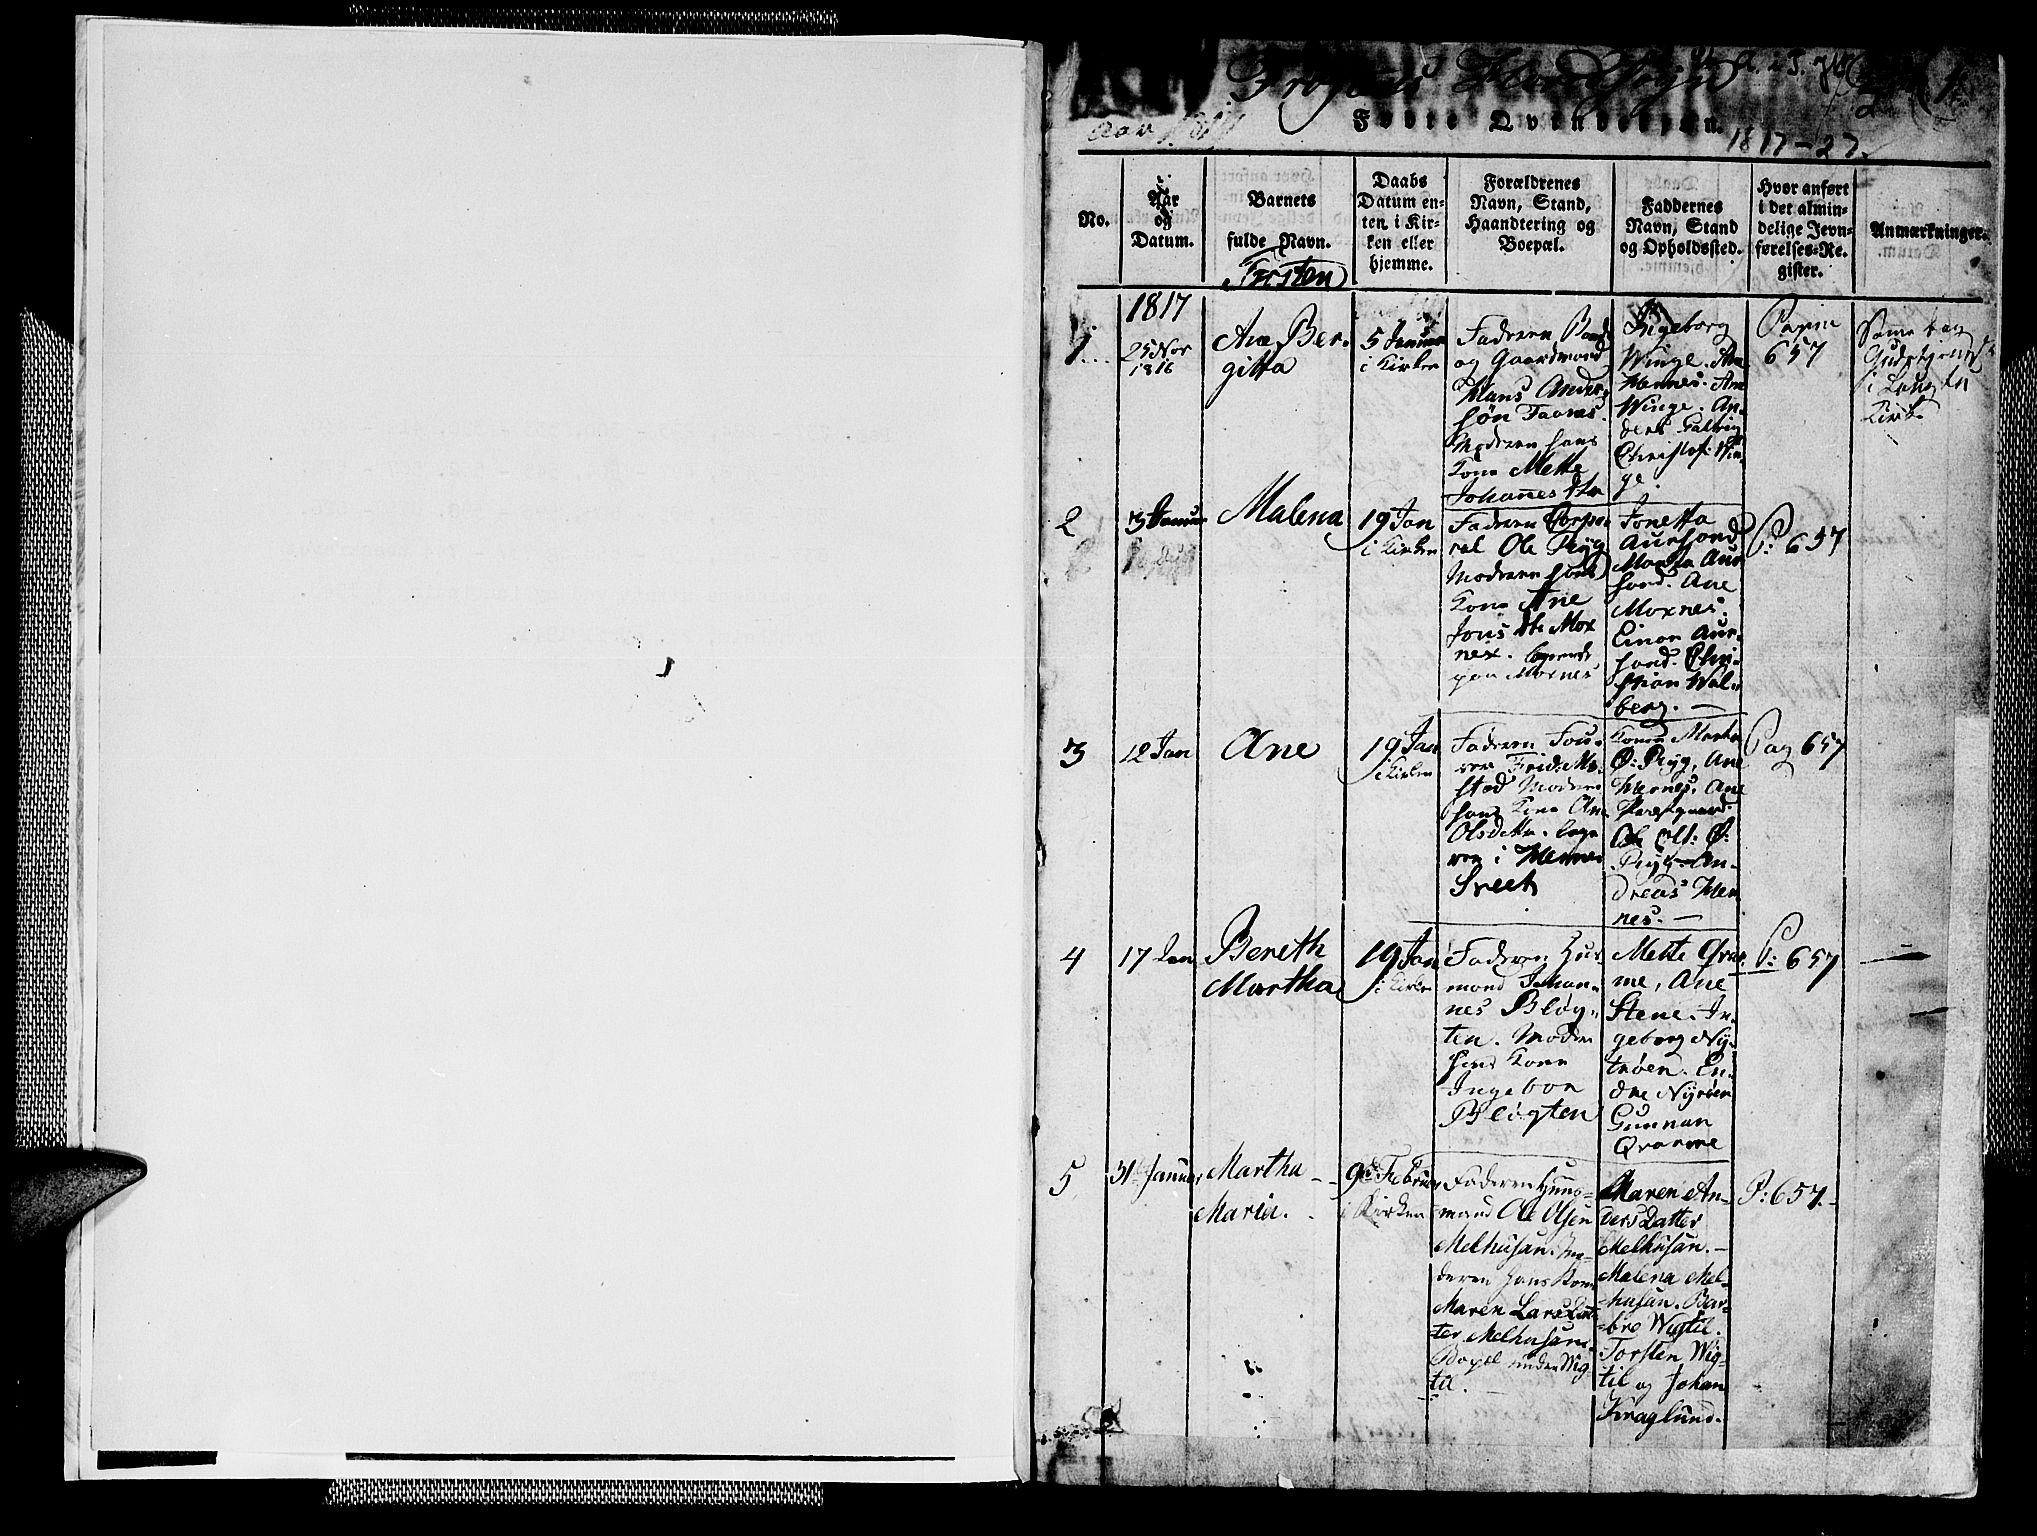 SAT, Ministerialprotokoller, klokkerbøker og fødselsregistre - Nord-Trøndelag, 713/L0112: Ministerialbok nr. 713A04 /1, 1817-1827, s. 0-1